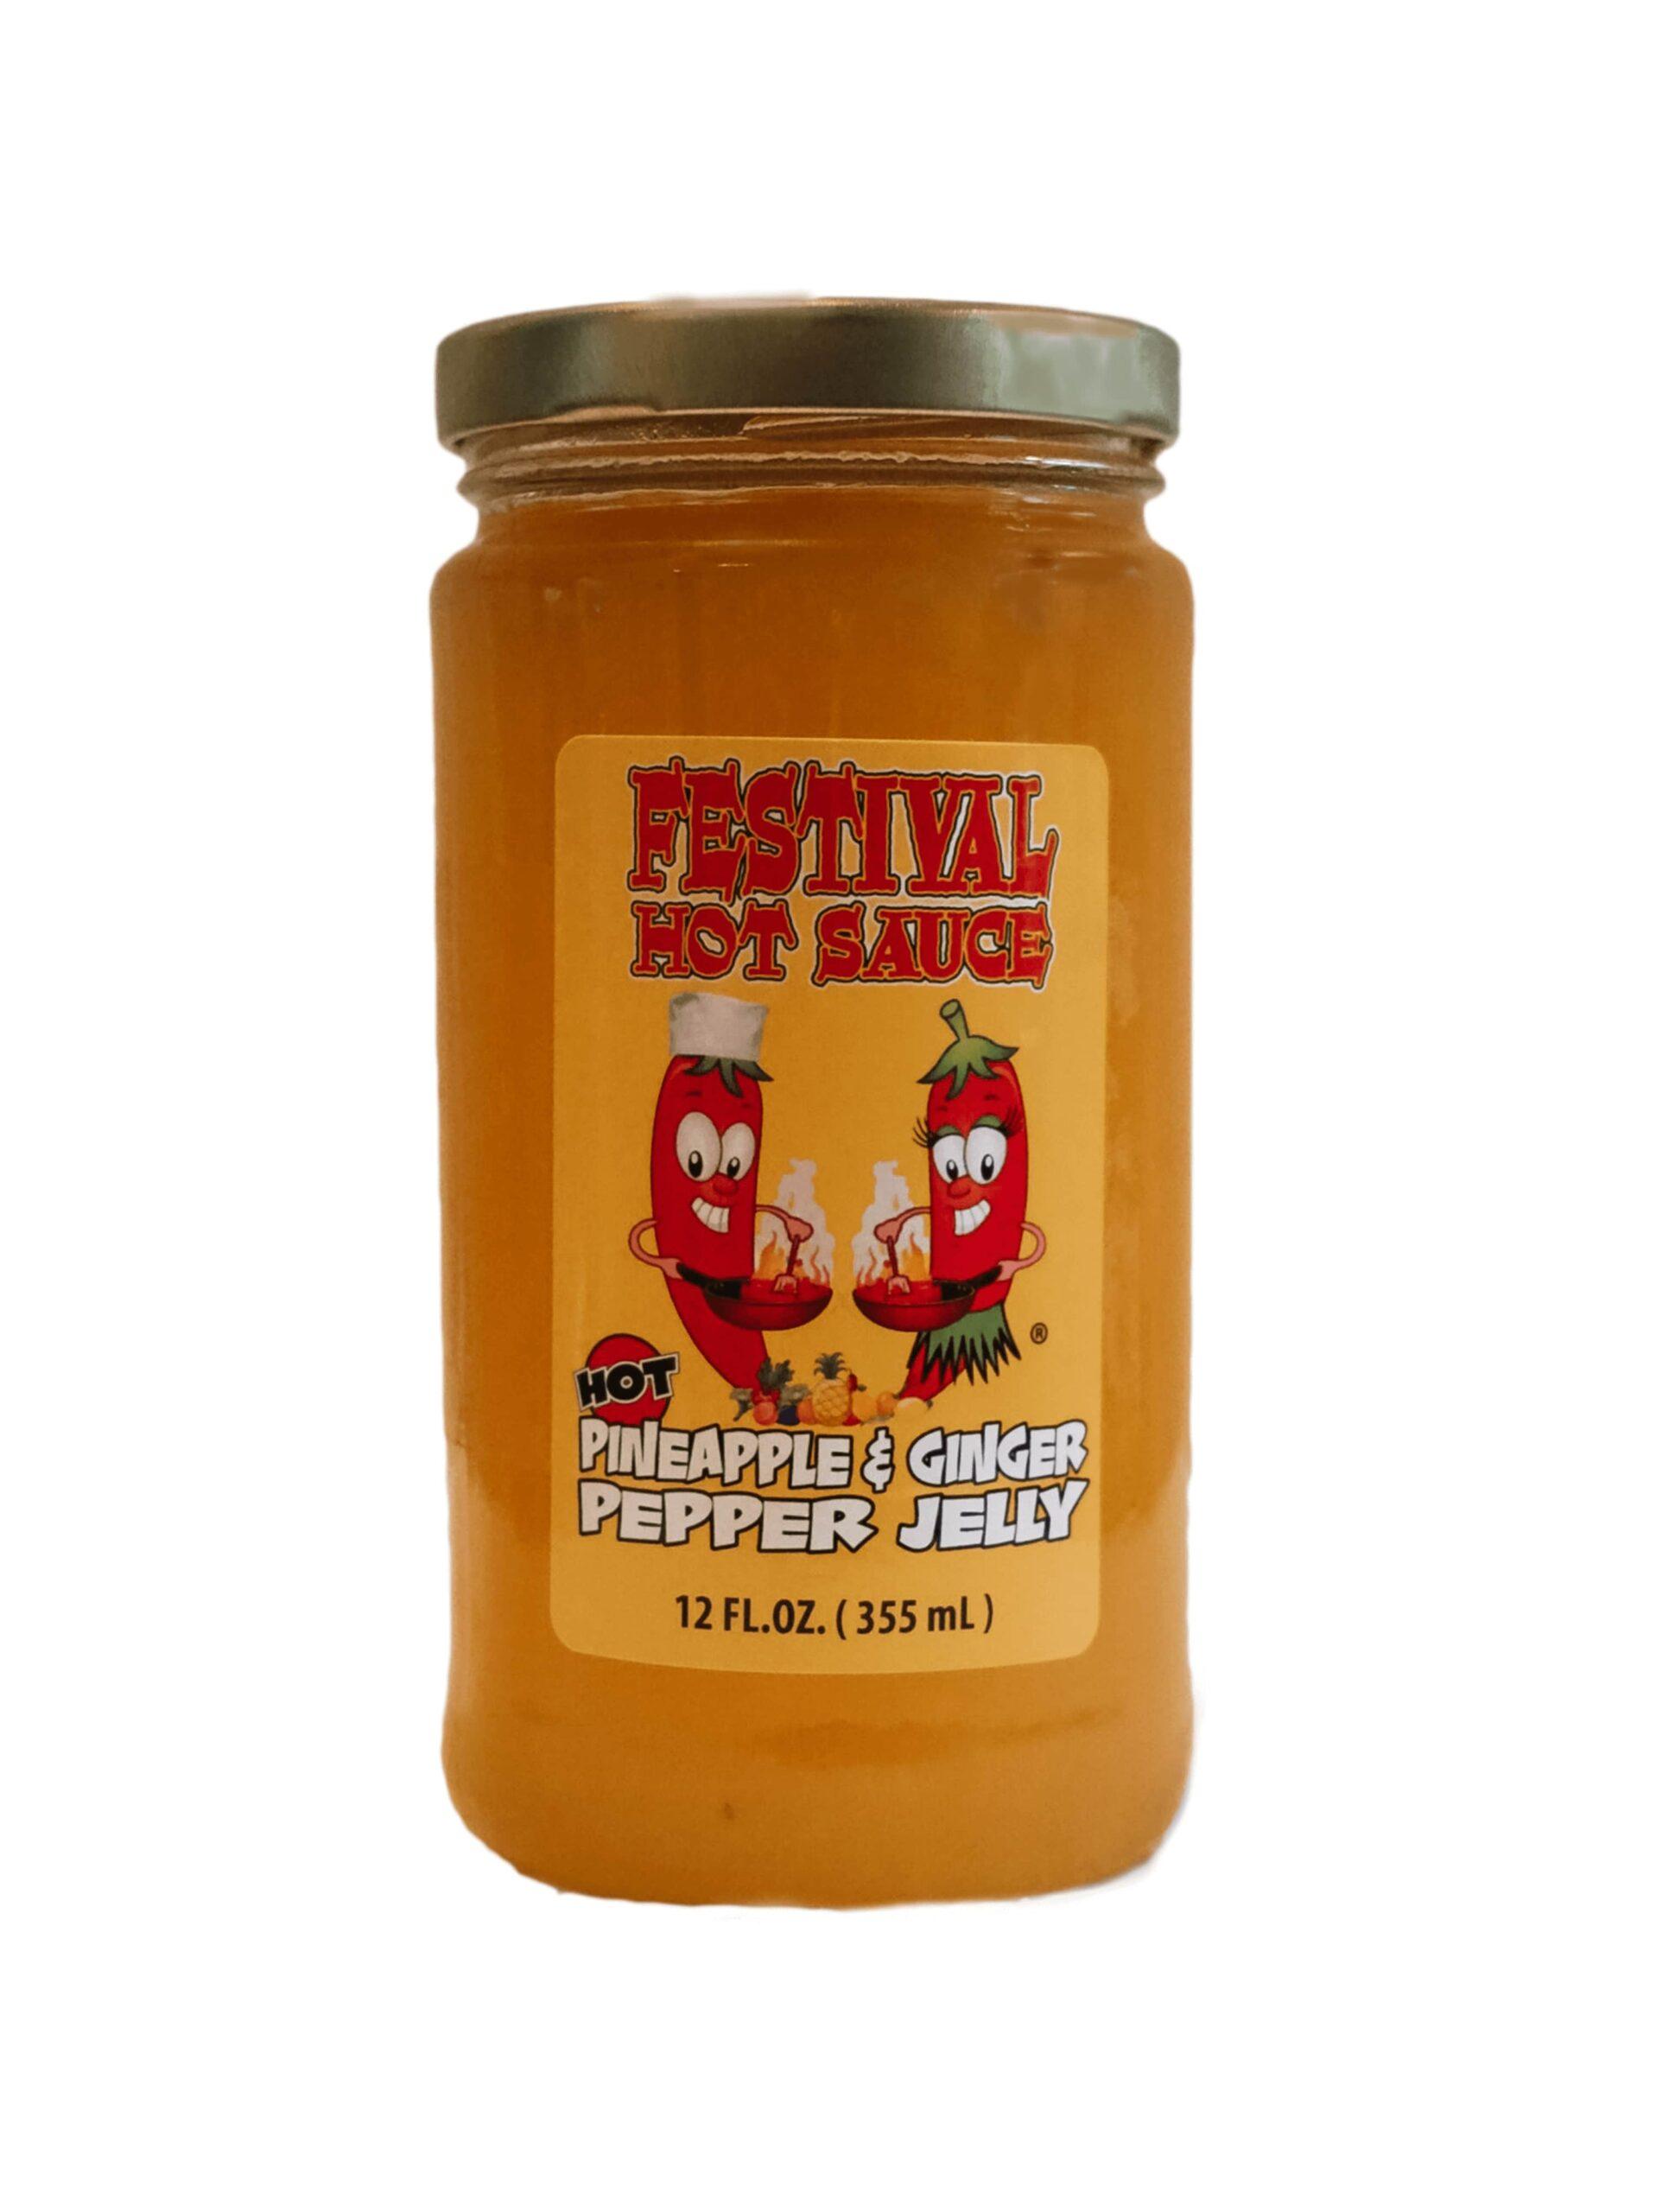 Pineapple Ginger Pepper Jelly